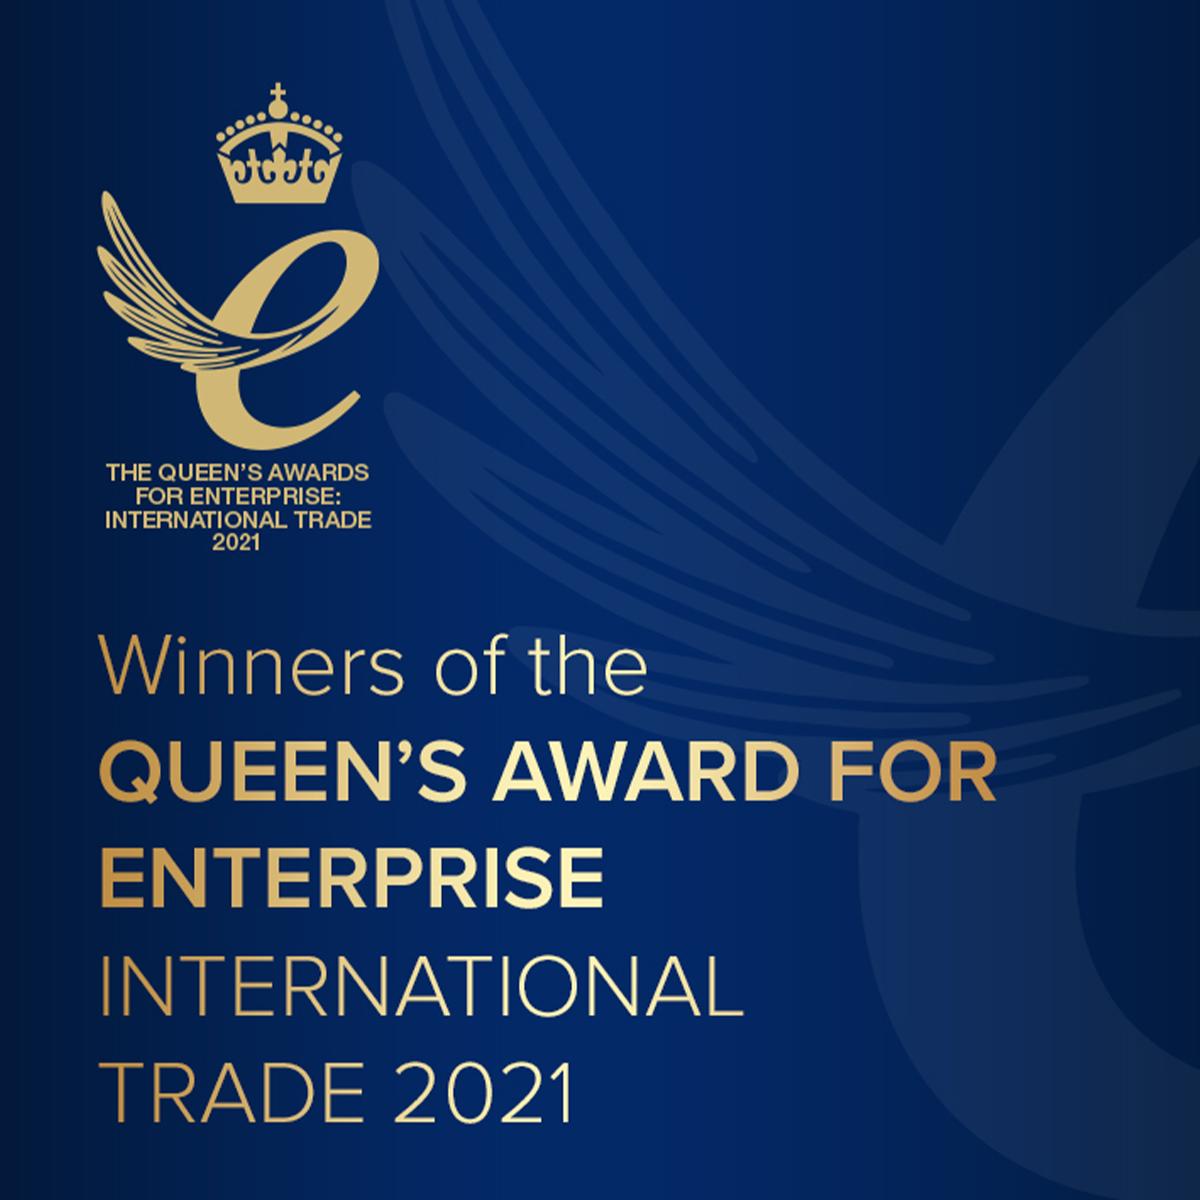 Mirius Wins Queen's Award for Enterprise International Trade 2021